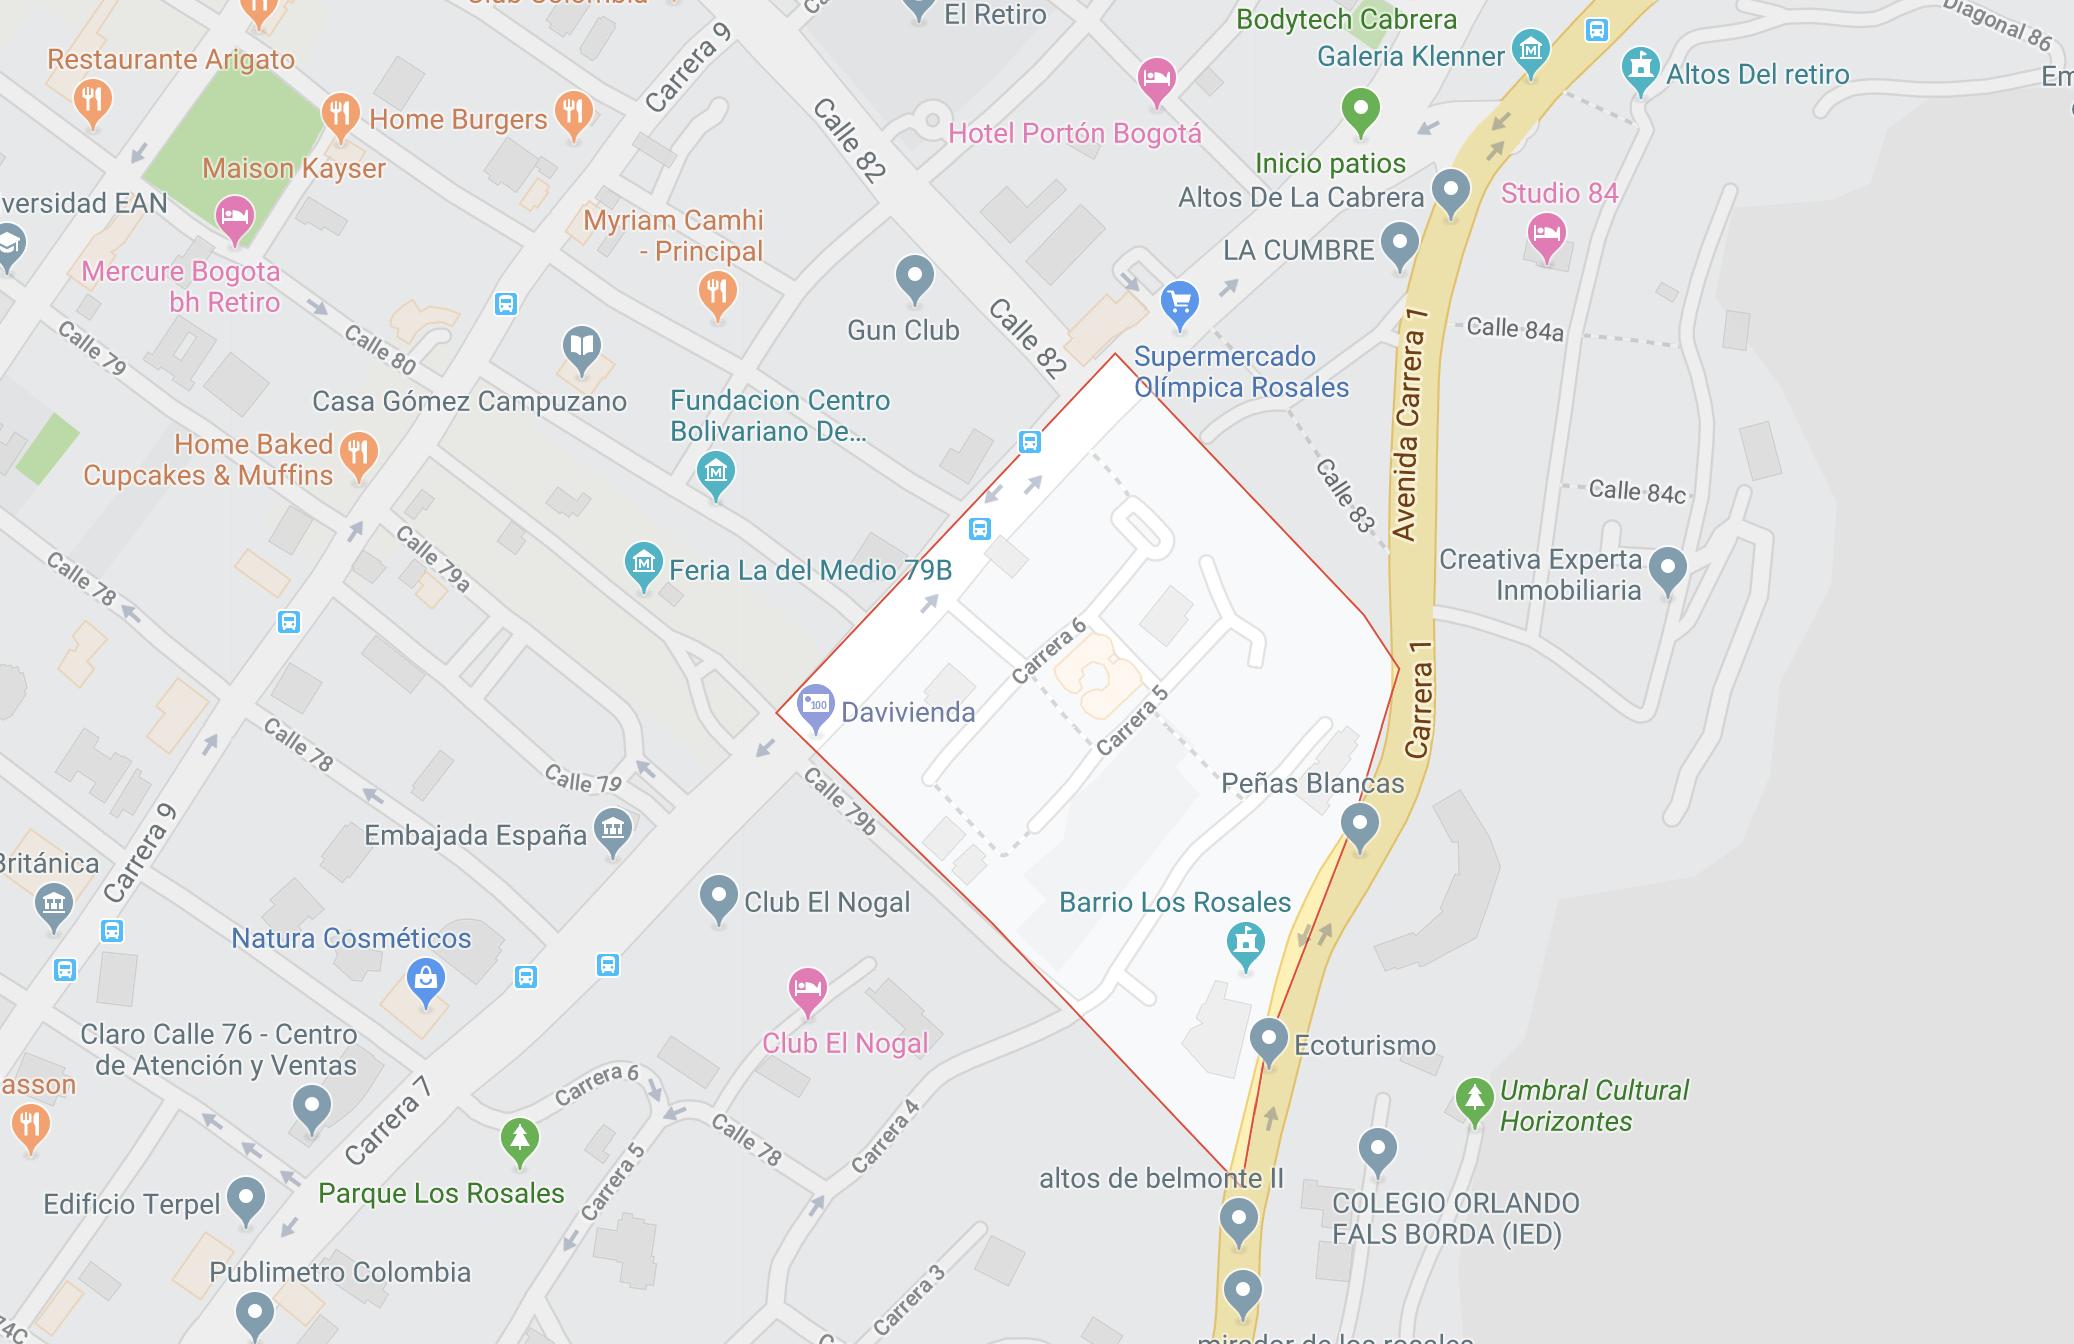 Barrio Los Rosales